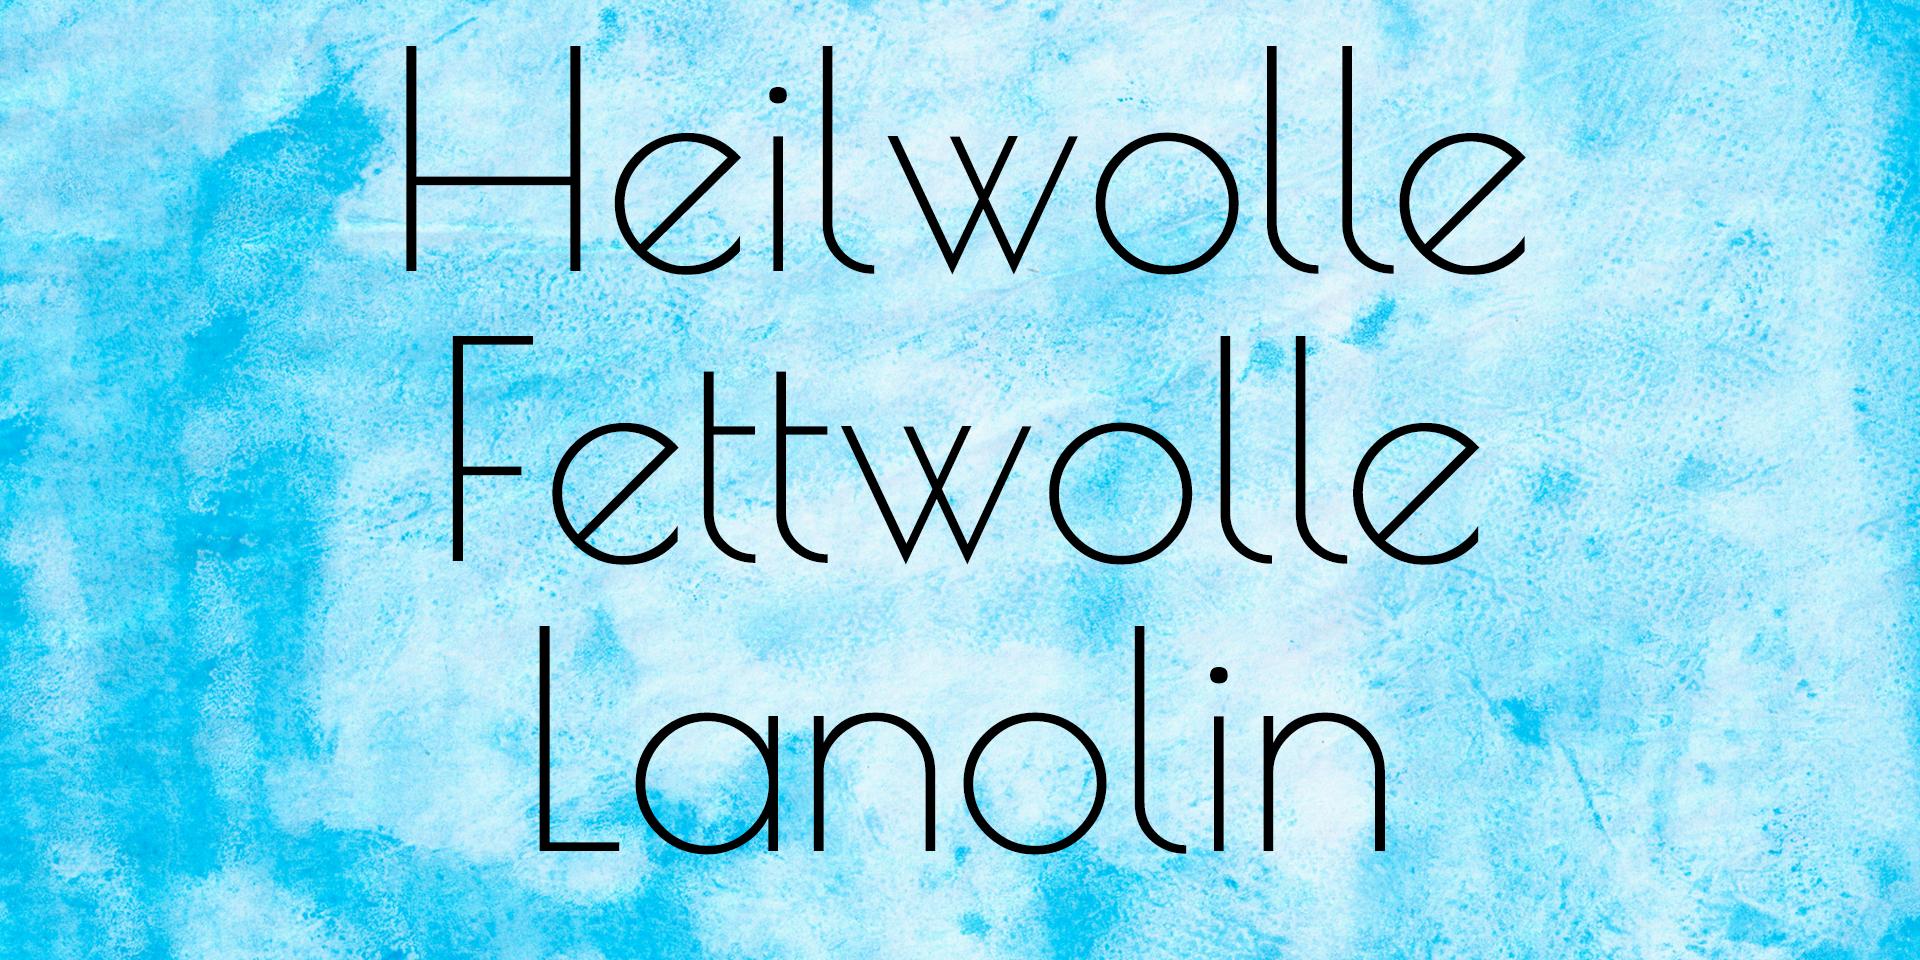 Heilwolle – Lanolin & Fettwolle hier finden Sie Informationen